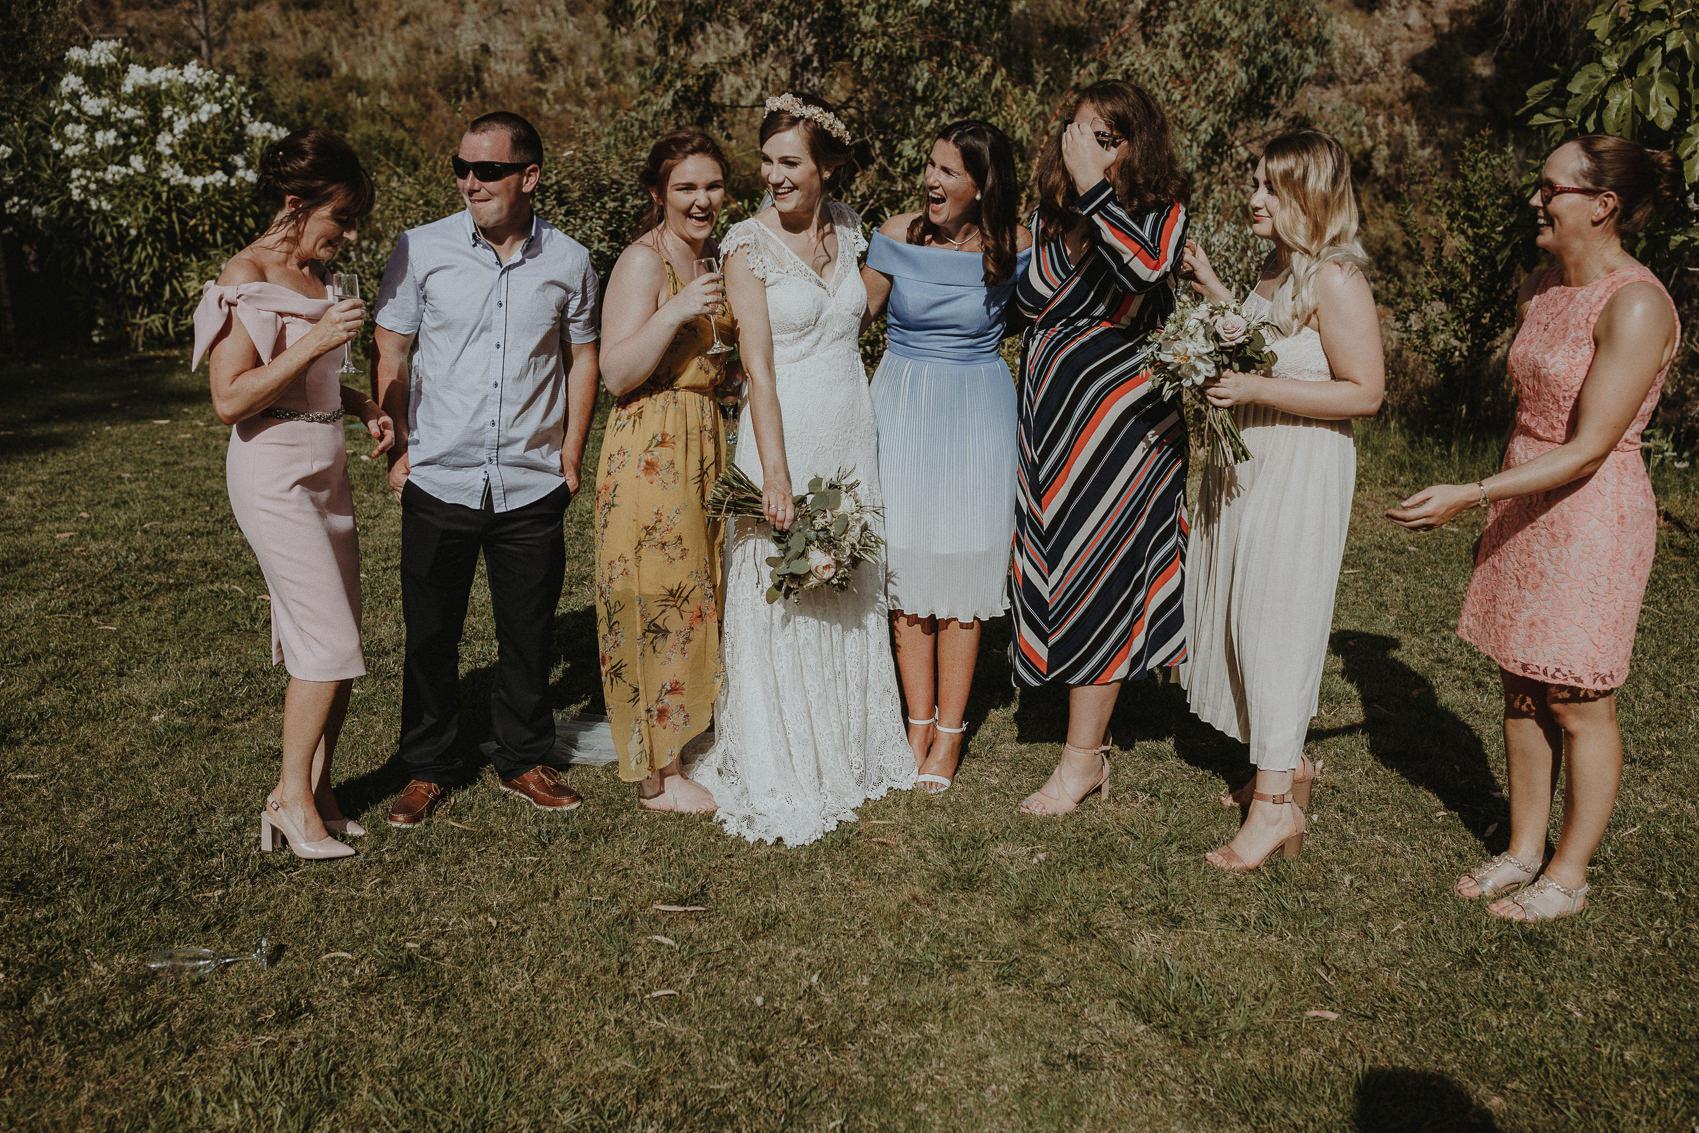 Sarah & Bill | Summer wedding at Cortijo Rosa Blanca | Marbella - Spain 92